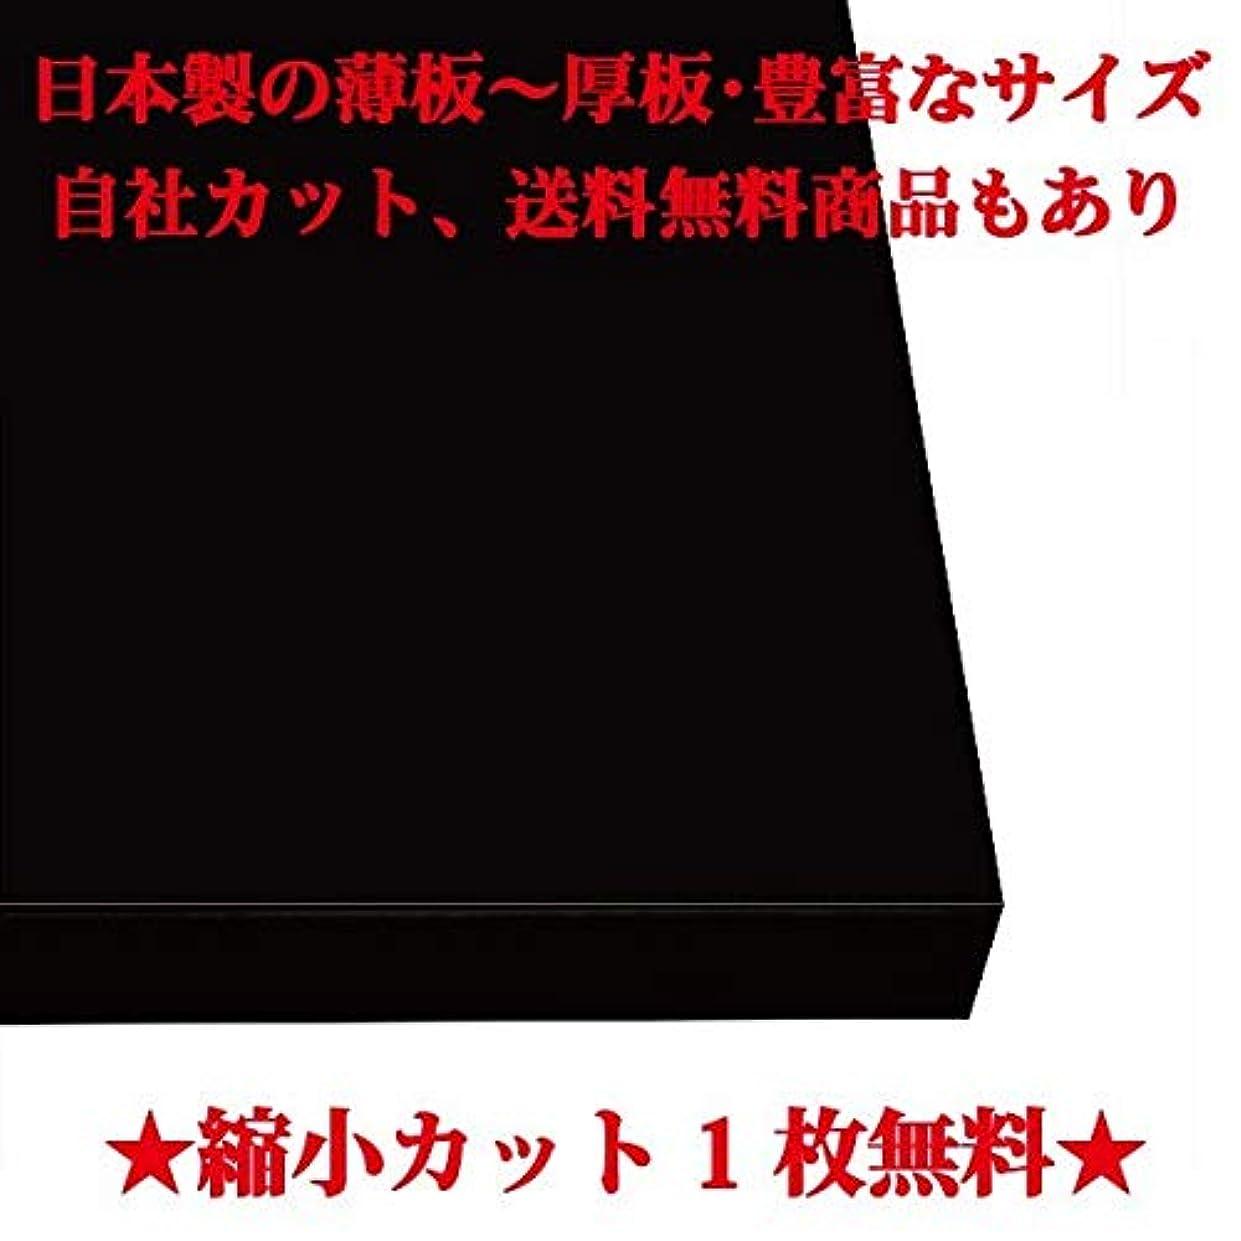 コンペ外国人謝罪日本製 カナセライト アクリル板 黒(キャスト板) 厚み15mm 620X700mm 縮小カット1枚無料 カンナ?糸面取り仕上(エッジで手を切る事はありません)(業務用?キャンセル返品不可) レーザーカット可